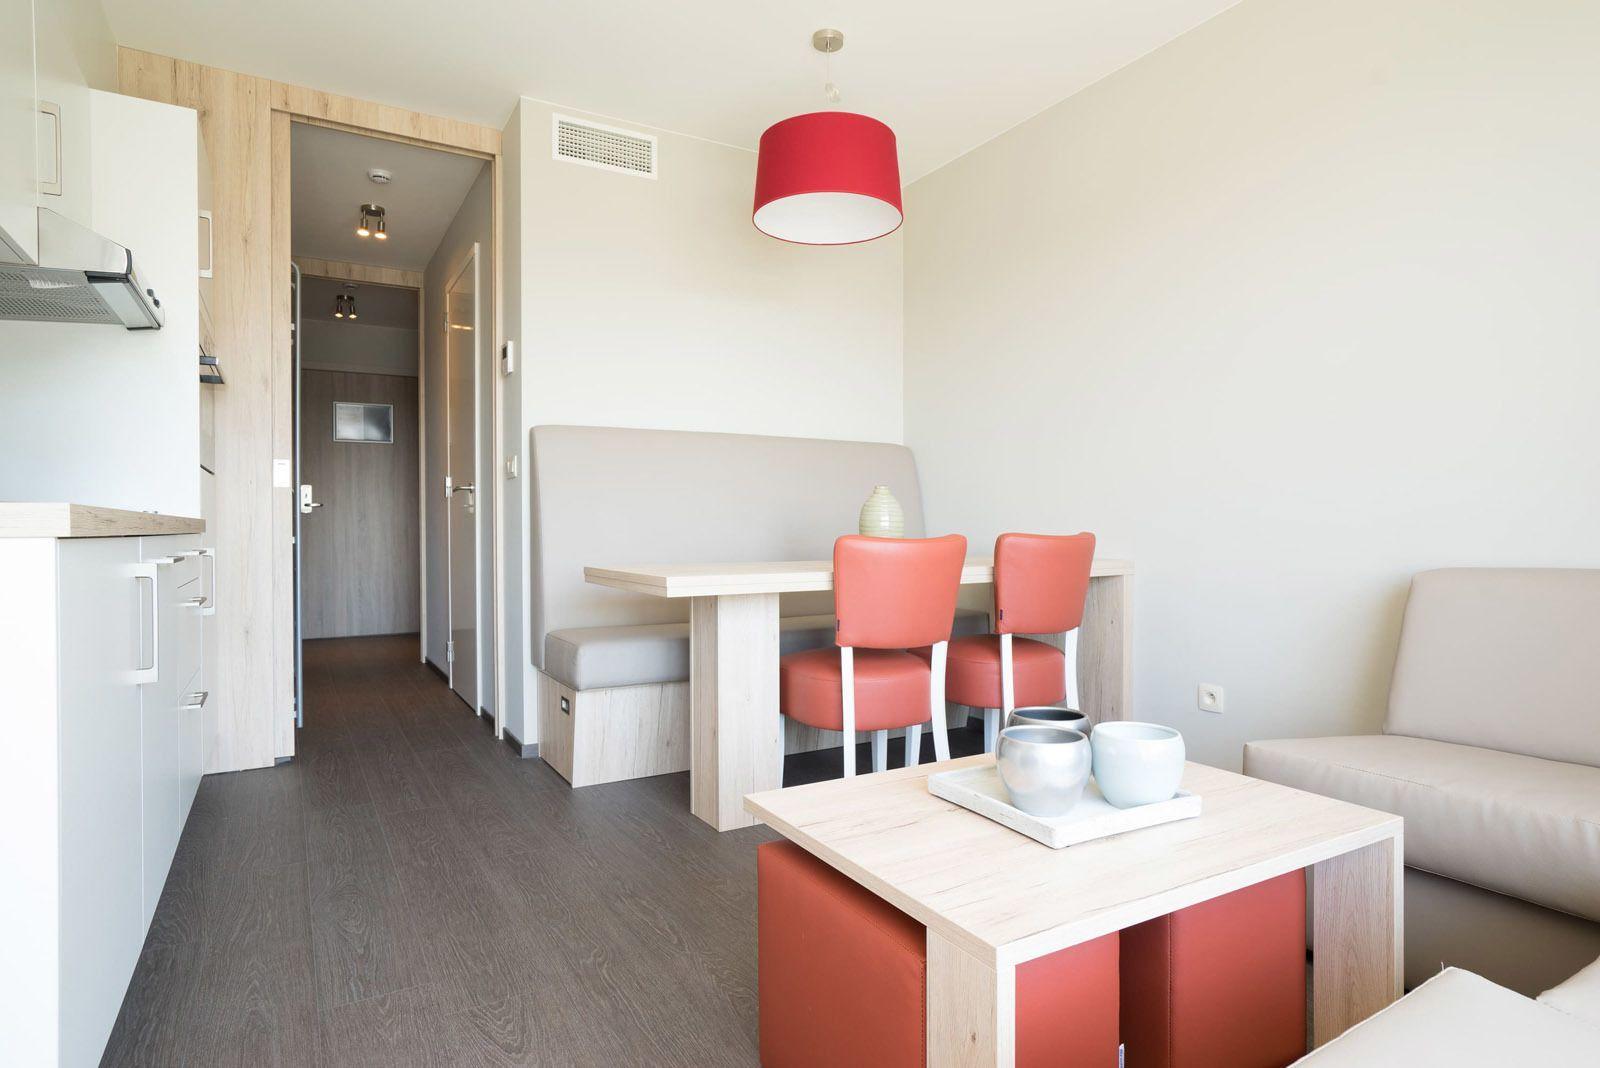 Standard Holiday Suite pour 2 adultes et 3 enfants